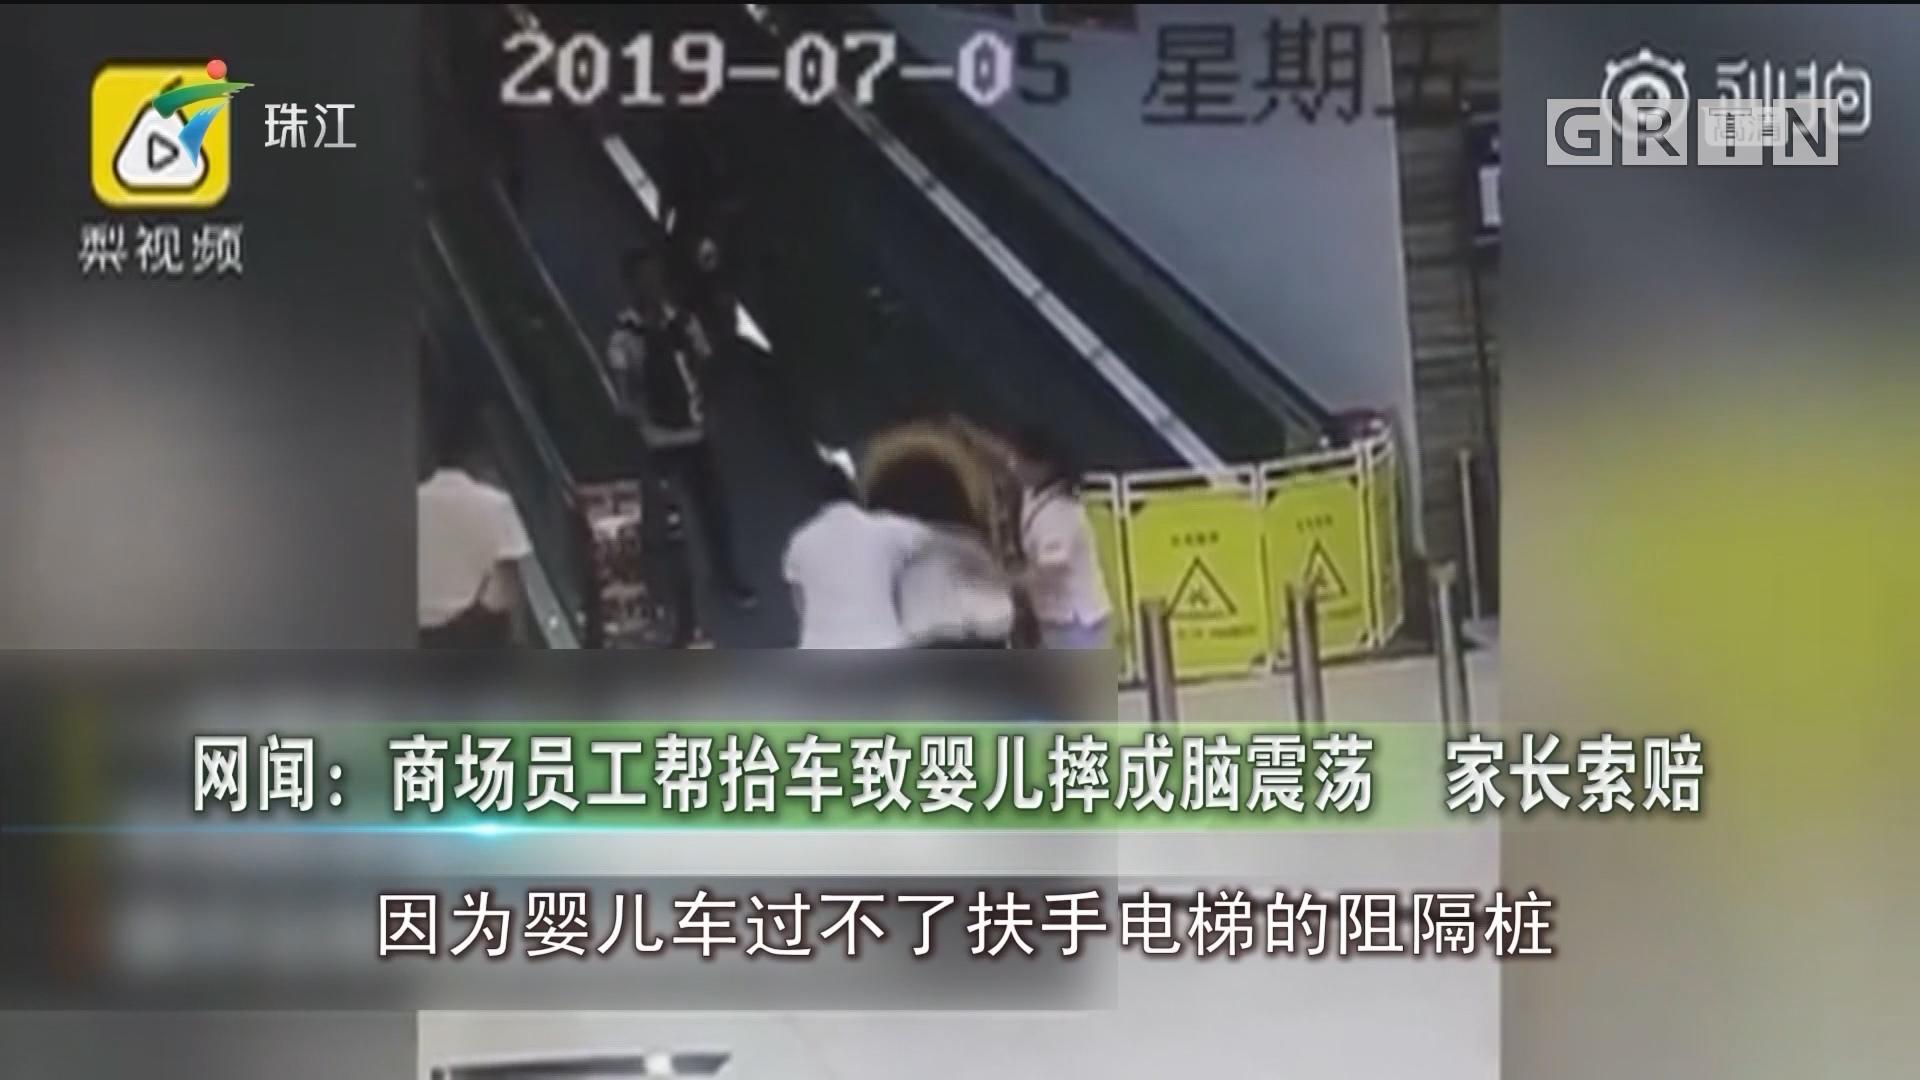 网闻:商场员工帮抬车致婴儿摔成脑震荡 家长索赔